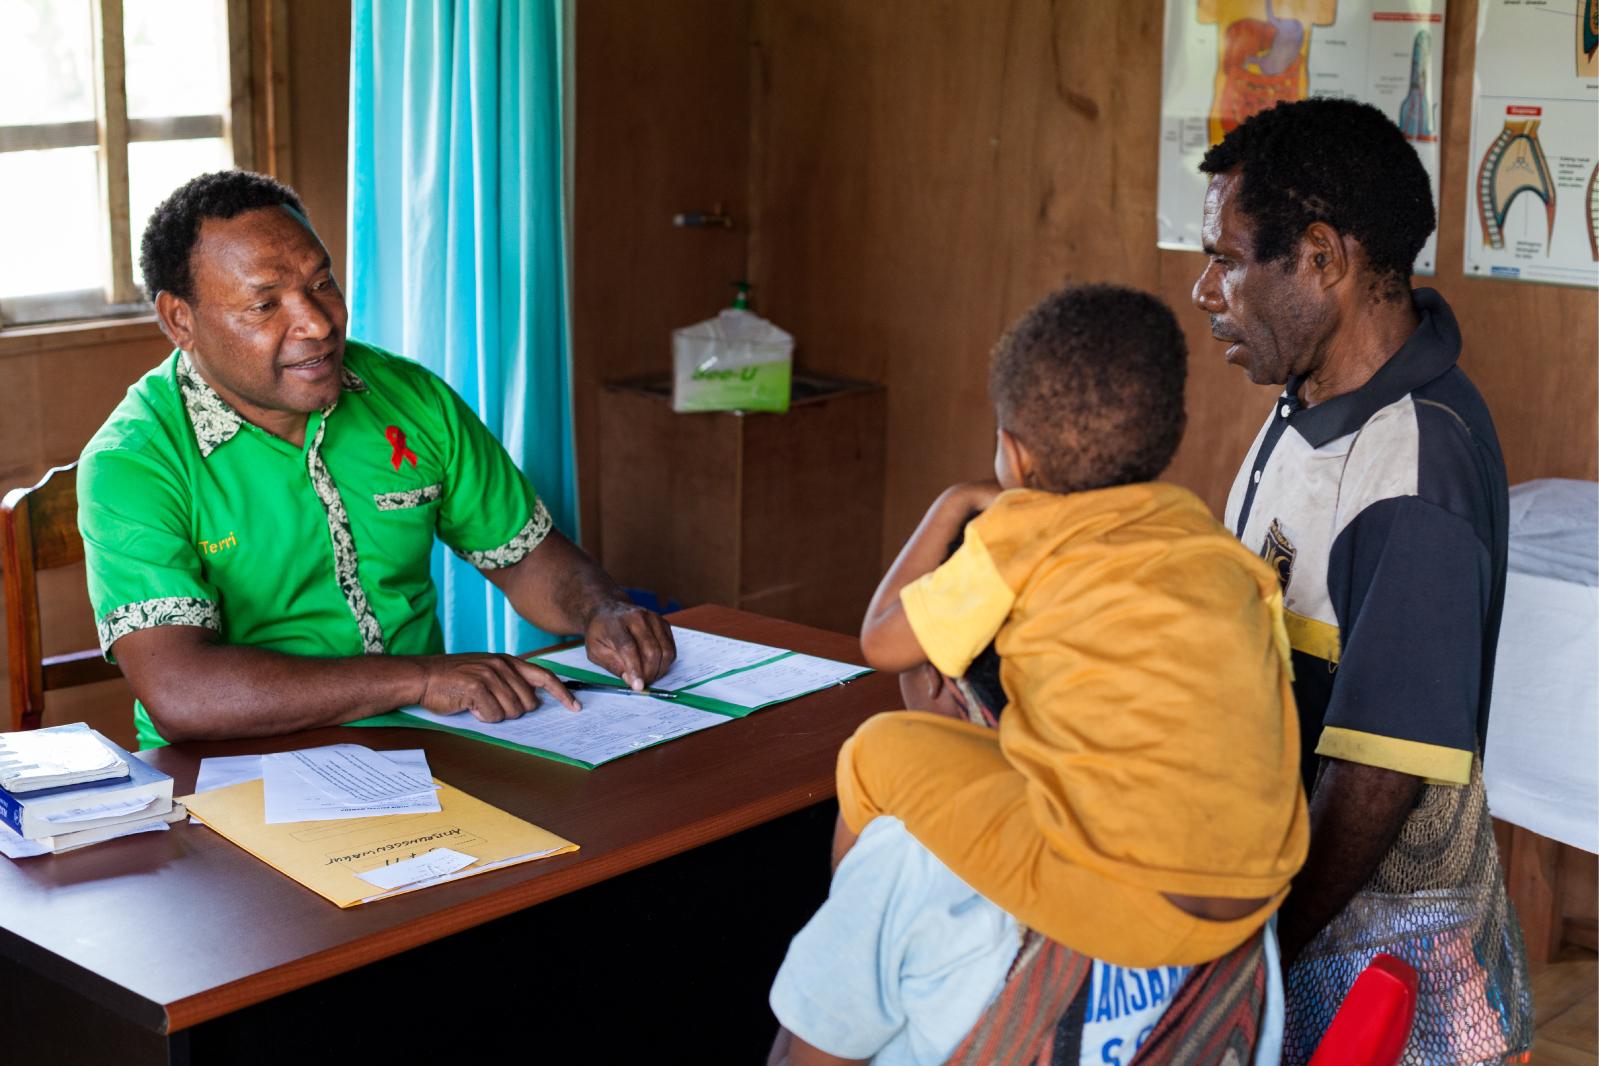 A nurse at Klinik Kalvari in Wamena counsels a family during a checkup.